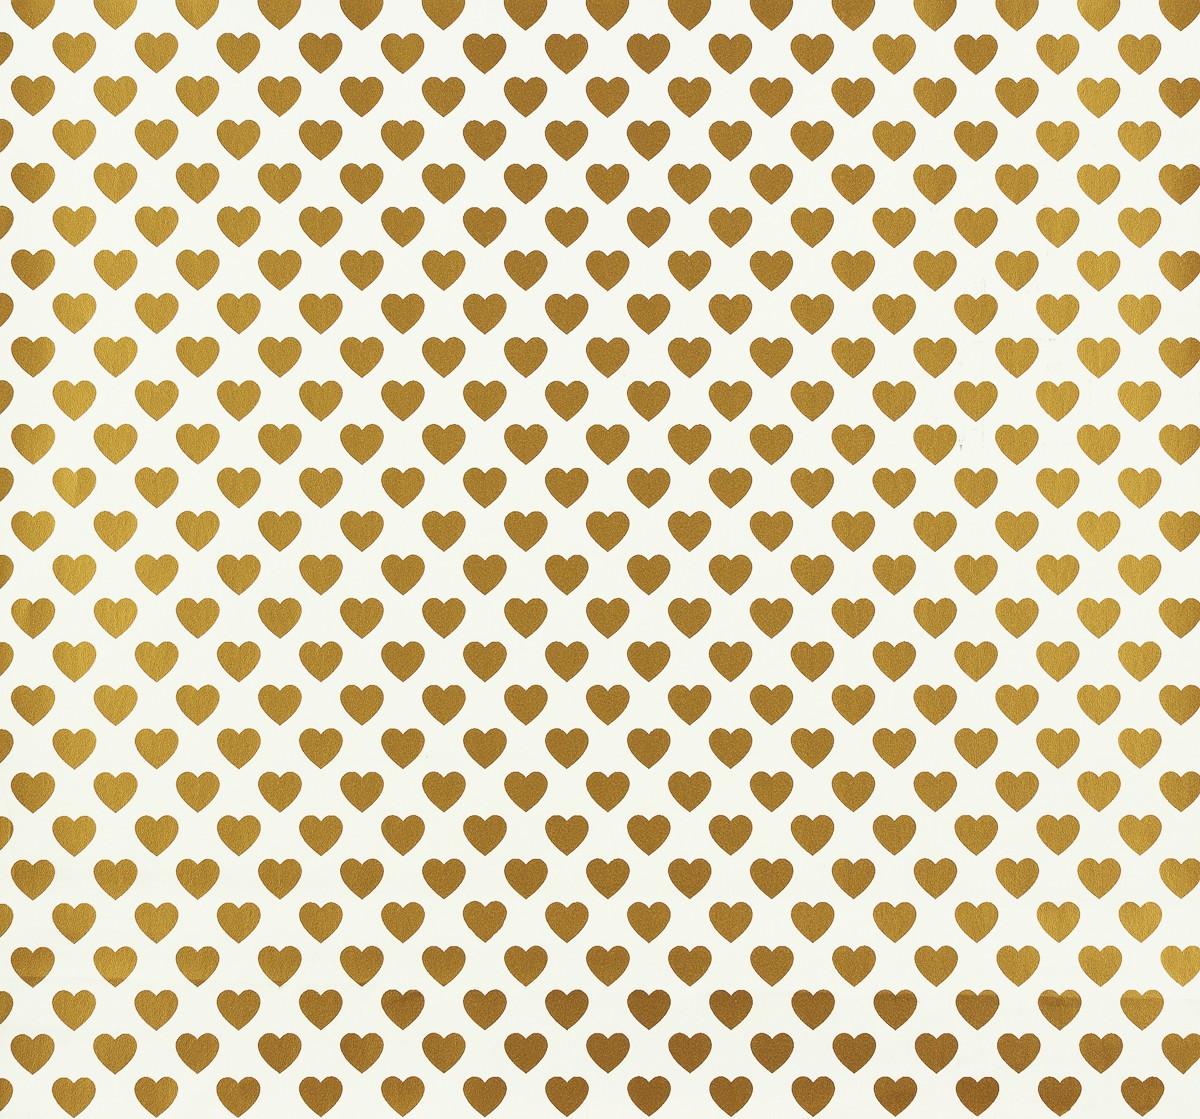 kindertapete gl ckler herzen wei gold 54152. Black Bedroom Furniture Sets. Home Design Ideas